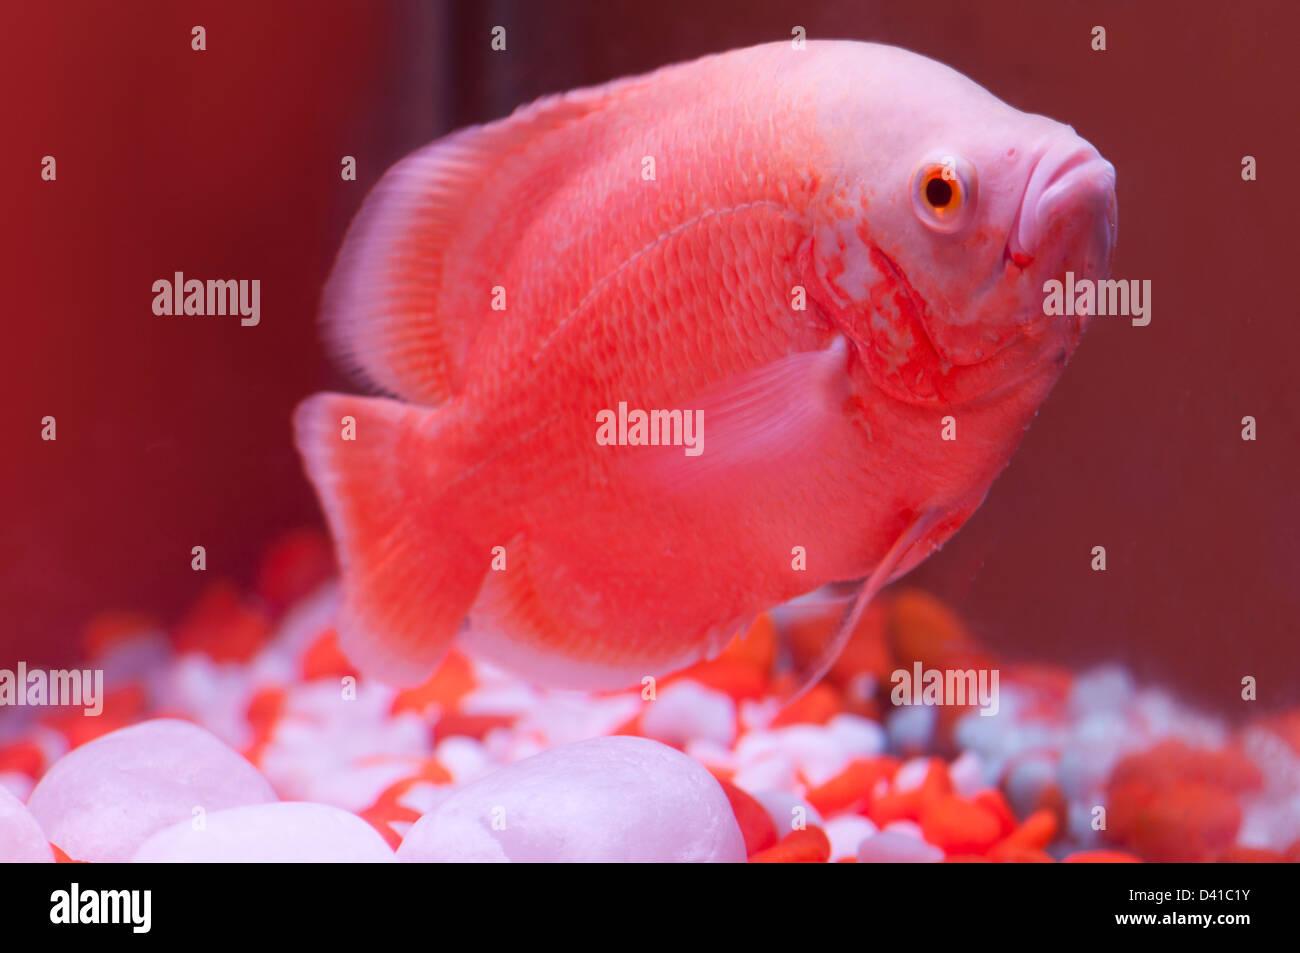 Red fish in aquarium - Stock Image